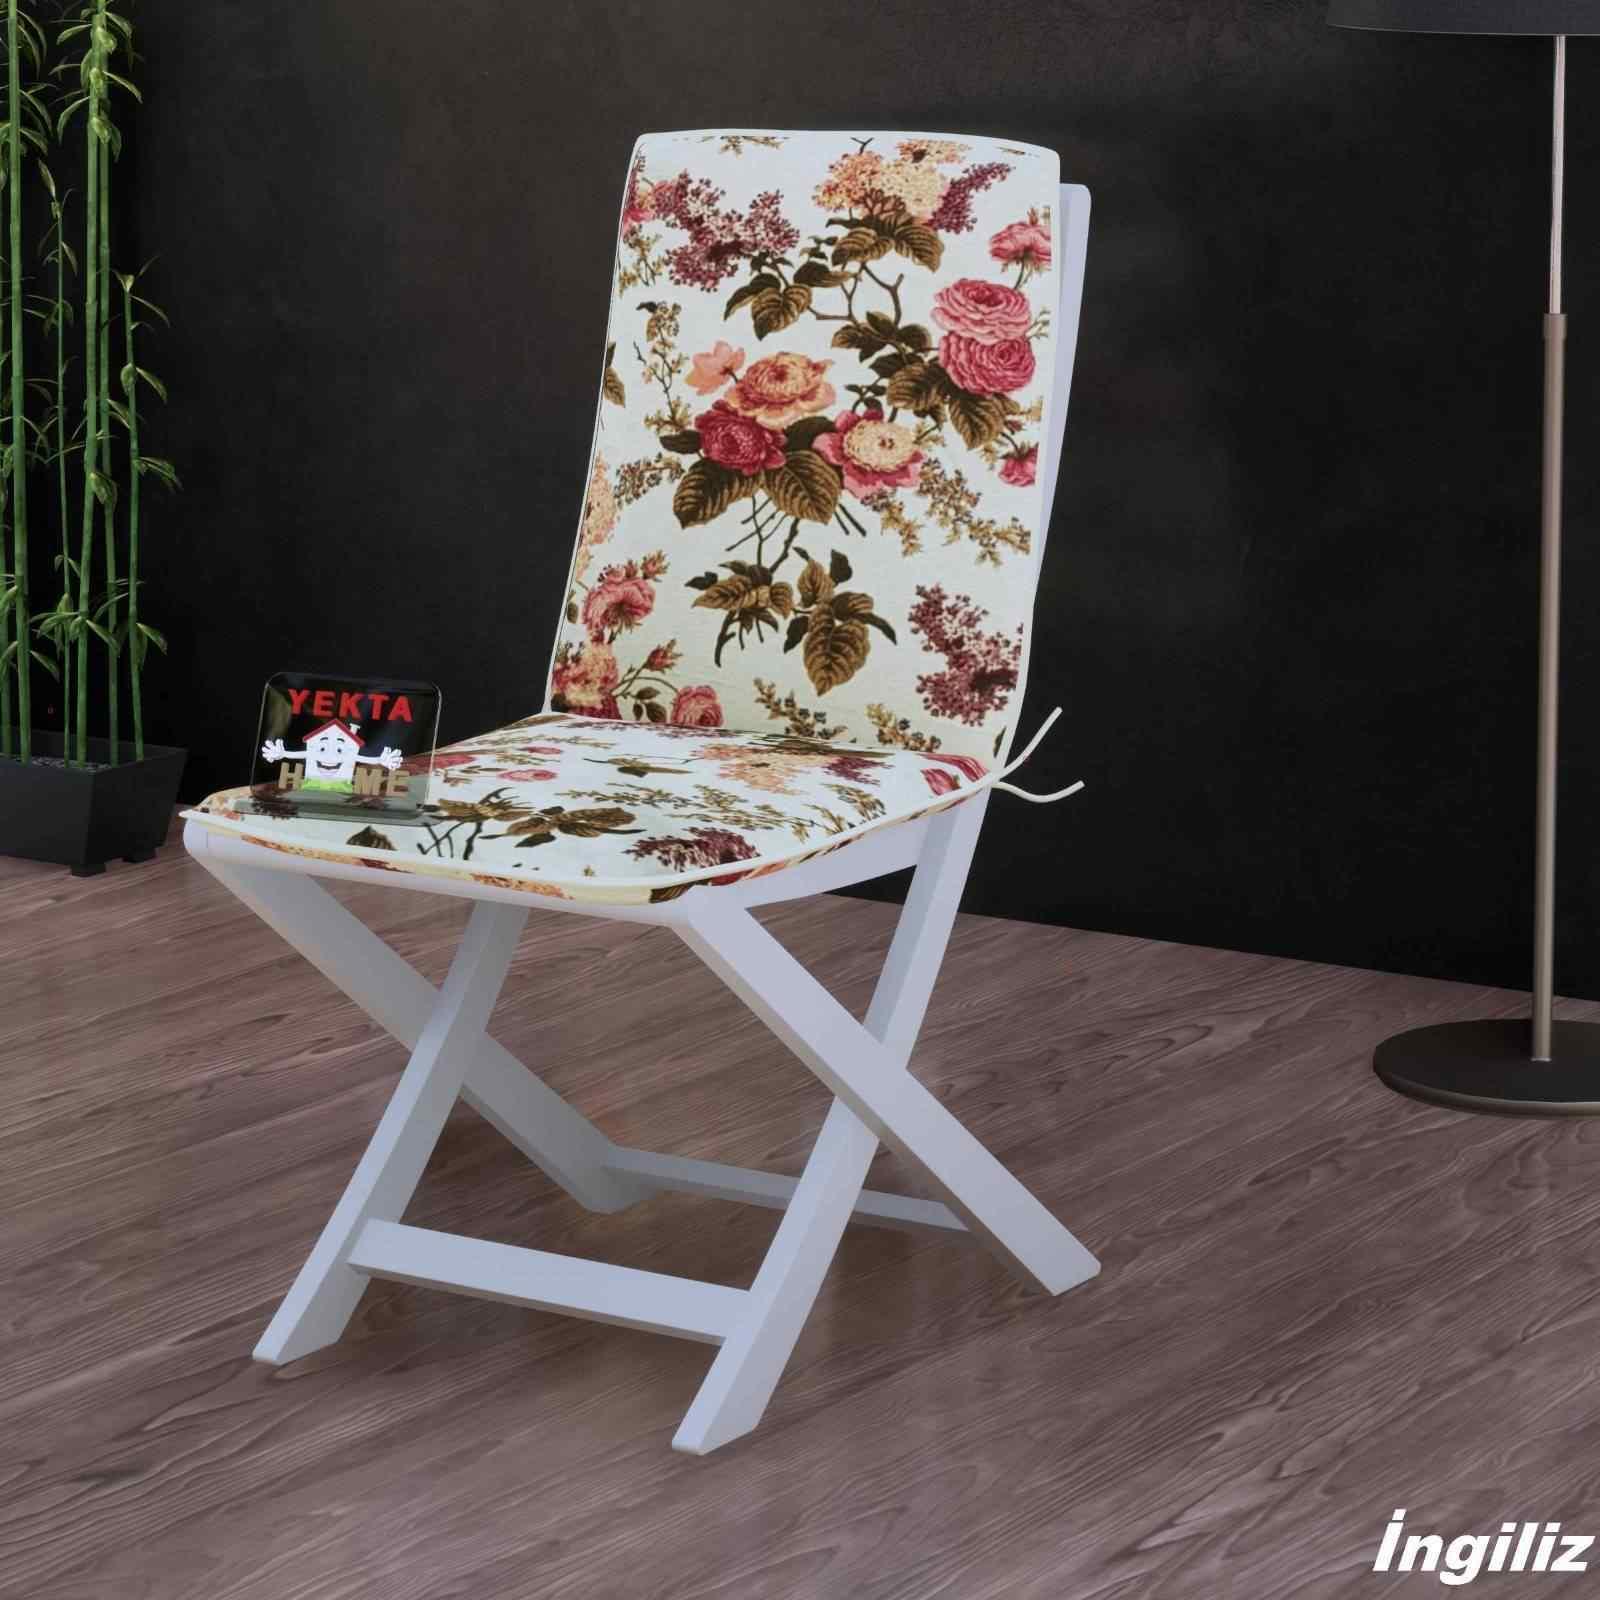 Sırtlı Sandalye Minderi - Arkalıklı Rattan Koltuk Minderi 6 Adet İngiliz